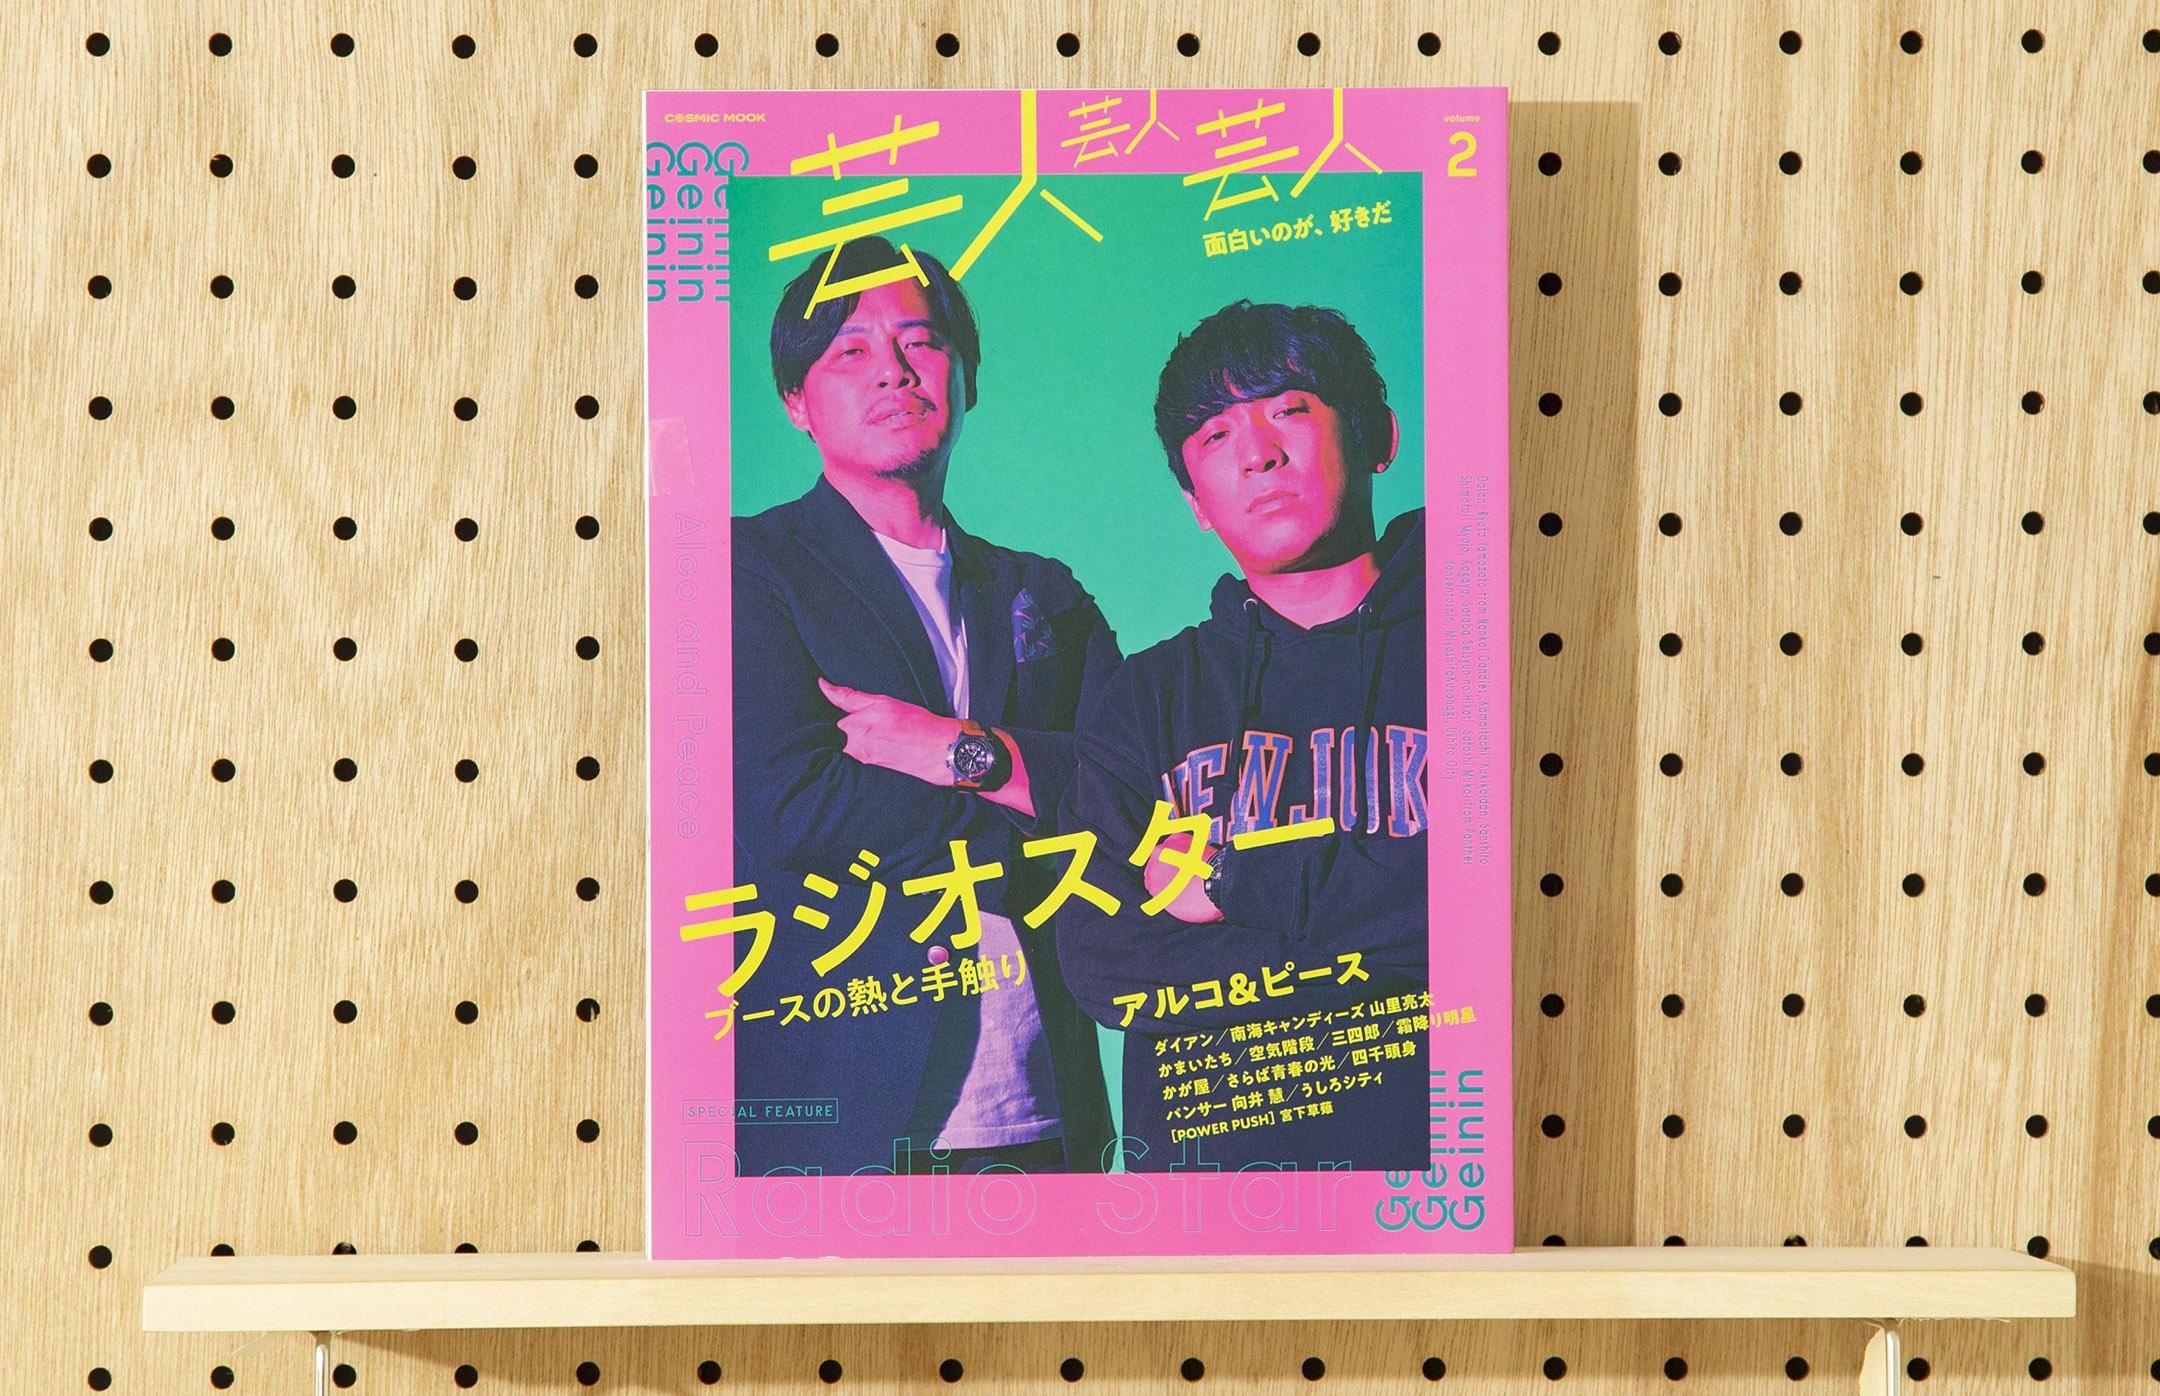 芸人芸人芸人 vol.2